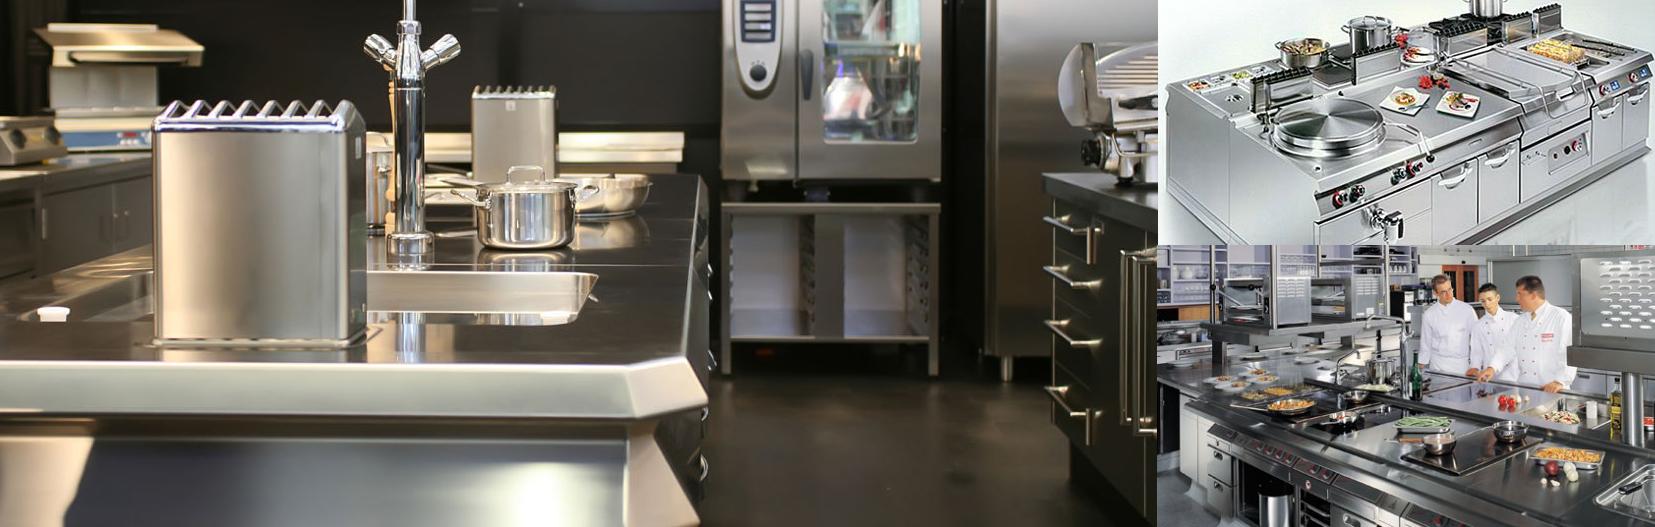 vente de mat riels cuisson pour professionnels. Black Bedroom Furniture Sets. Home Design Ideas